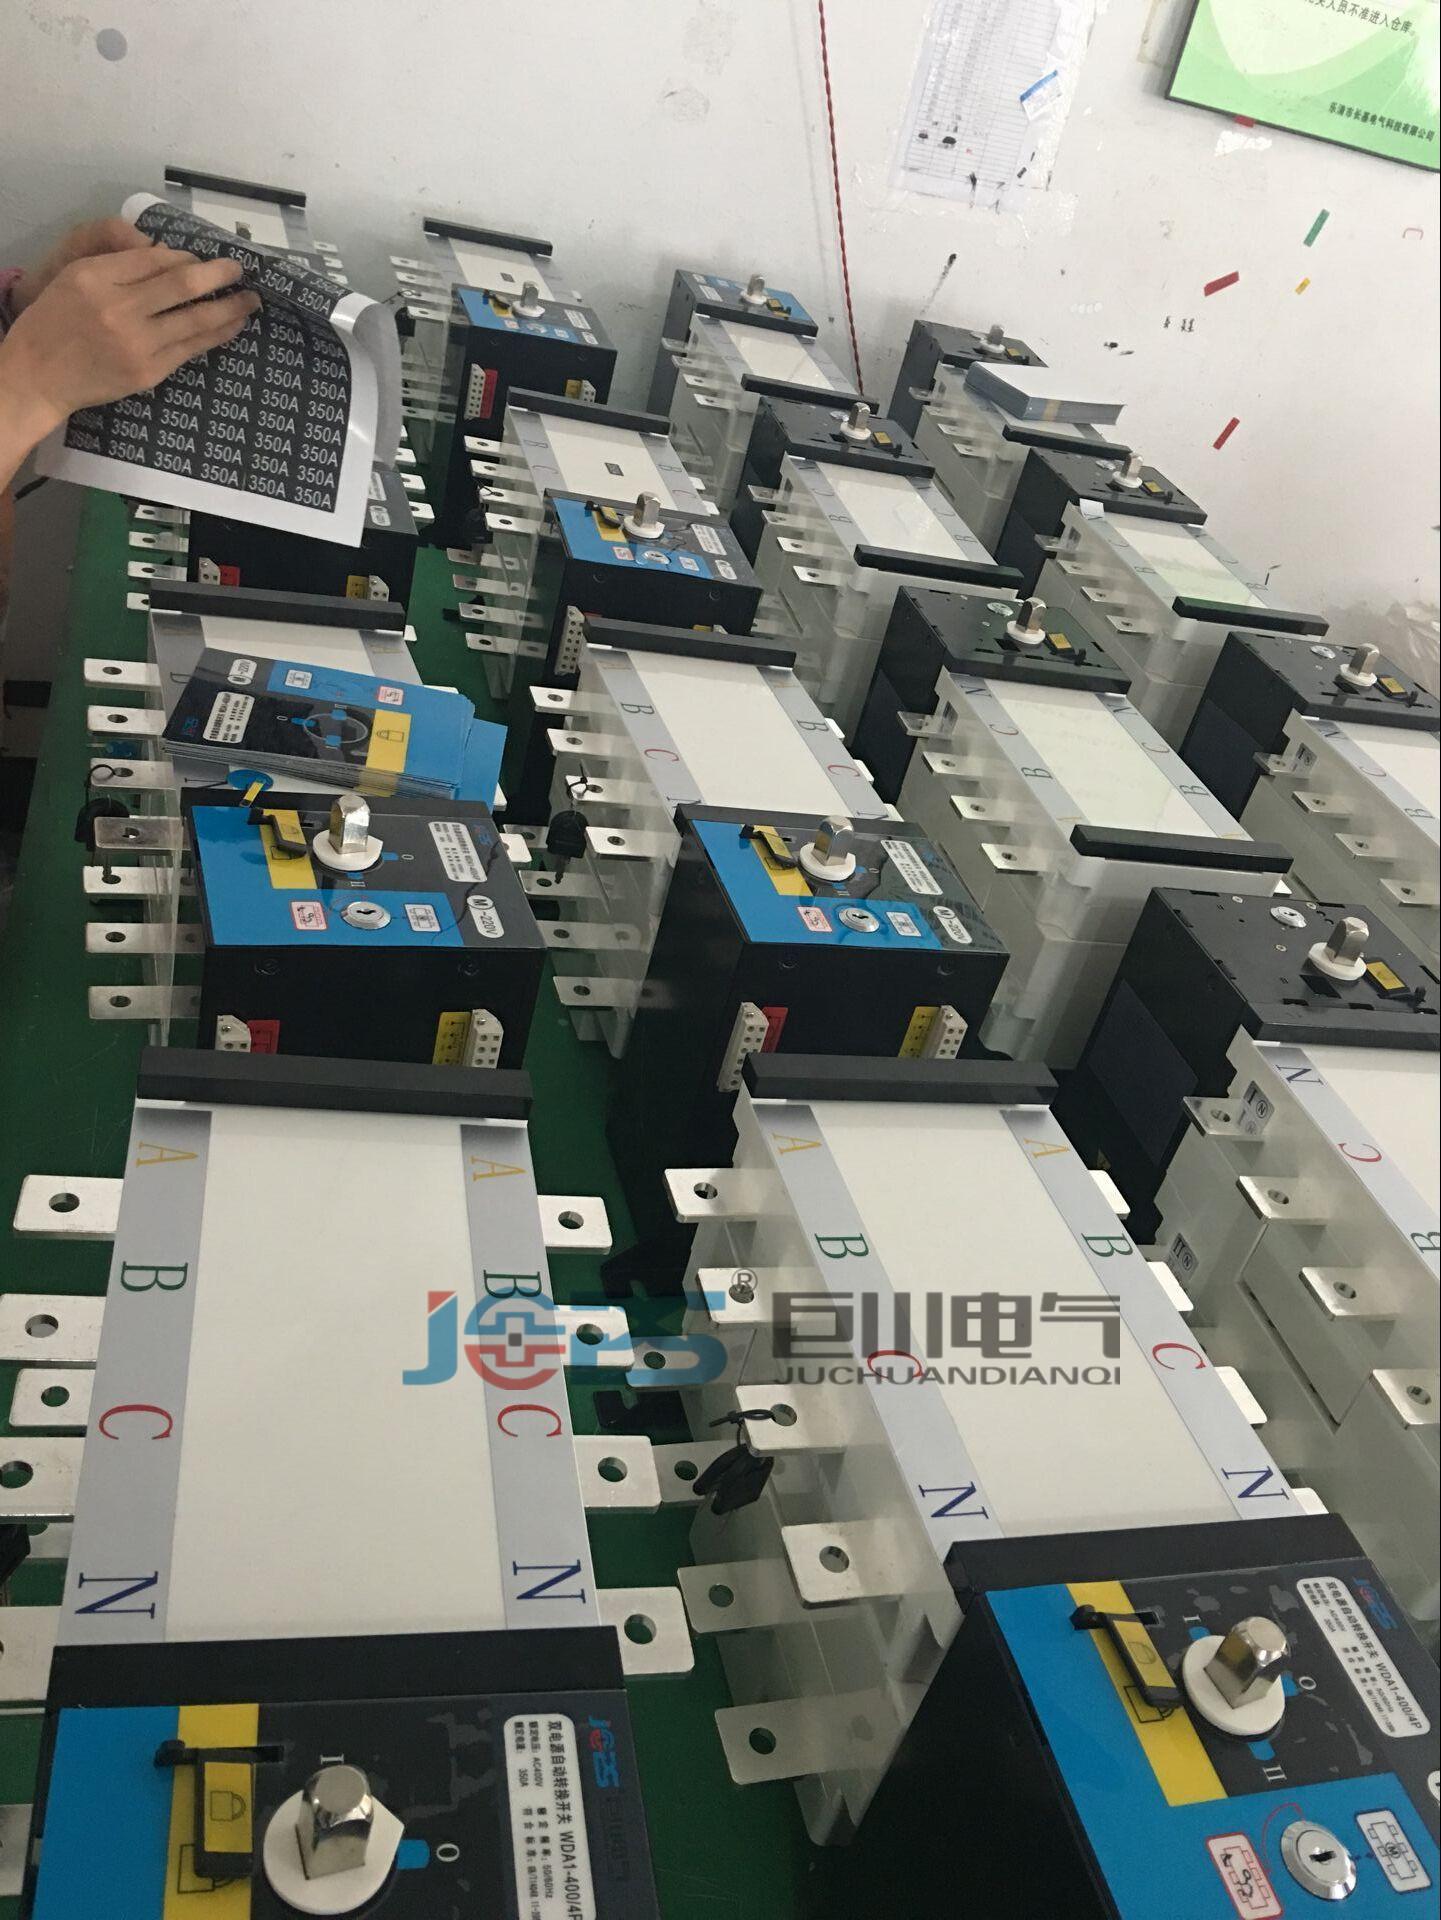 参数可设置:转换延时,过压,欠压,高频,低频等都可同过控制器调整.